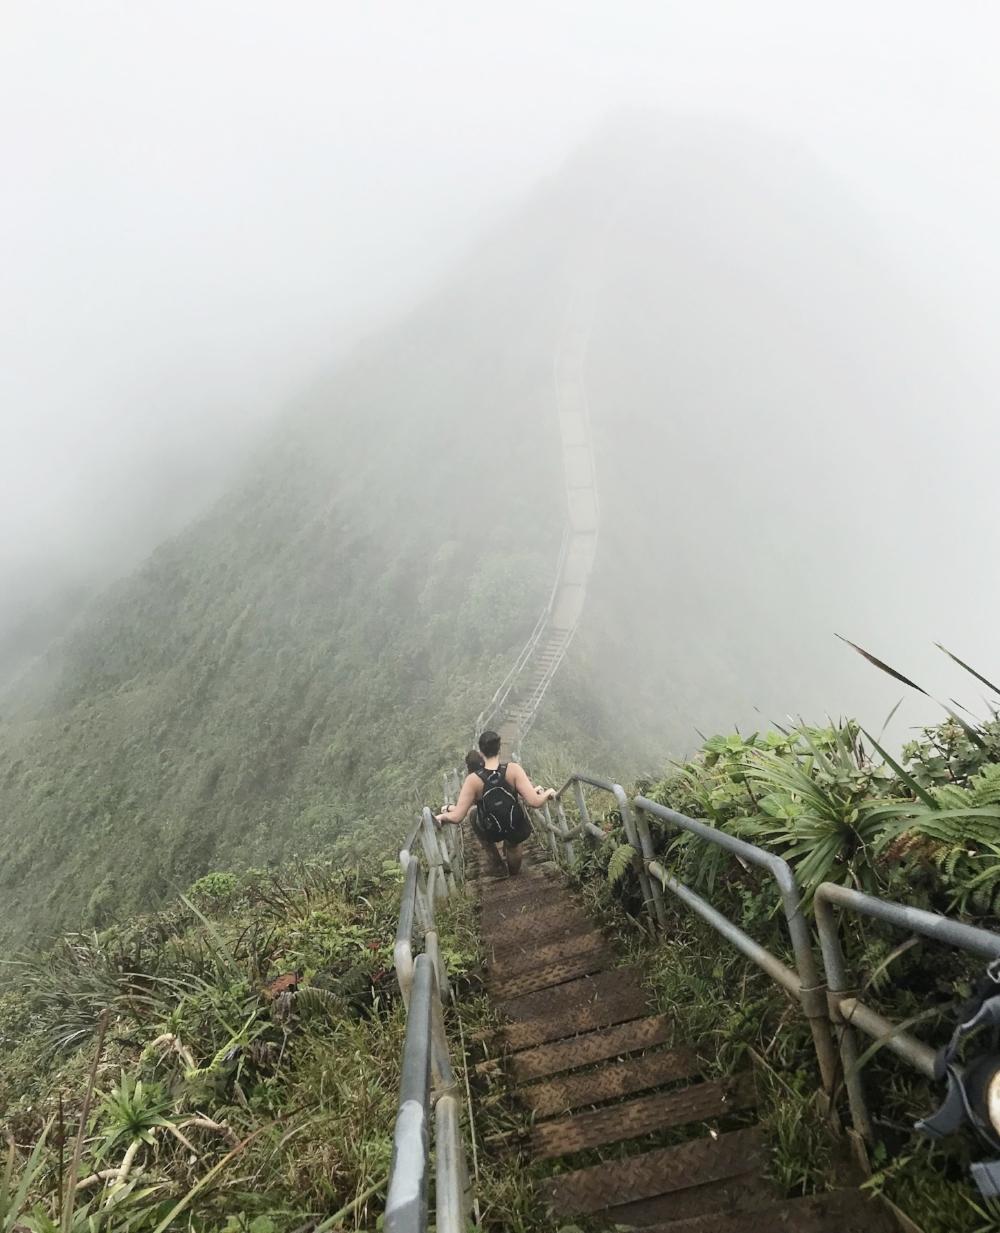 Stairway-to-heaven-legal-route.jpg